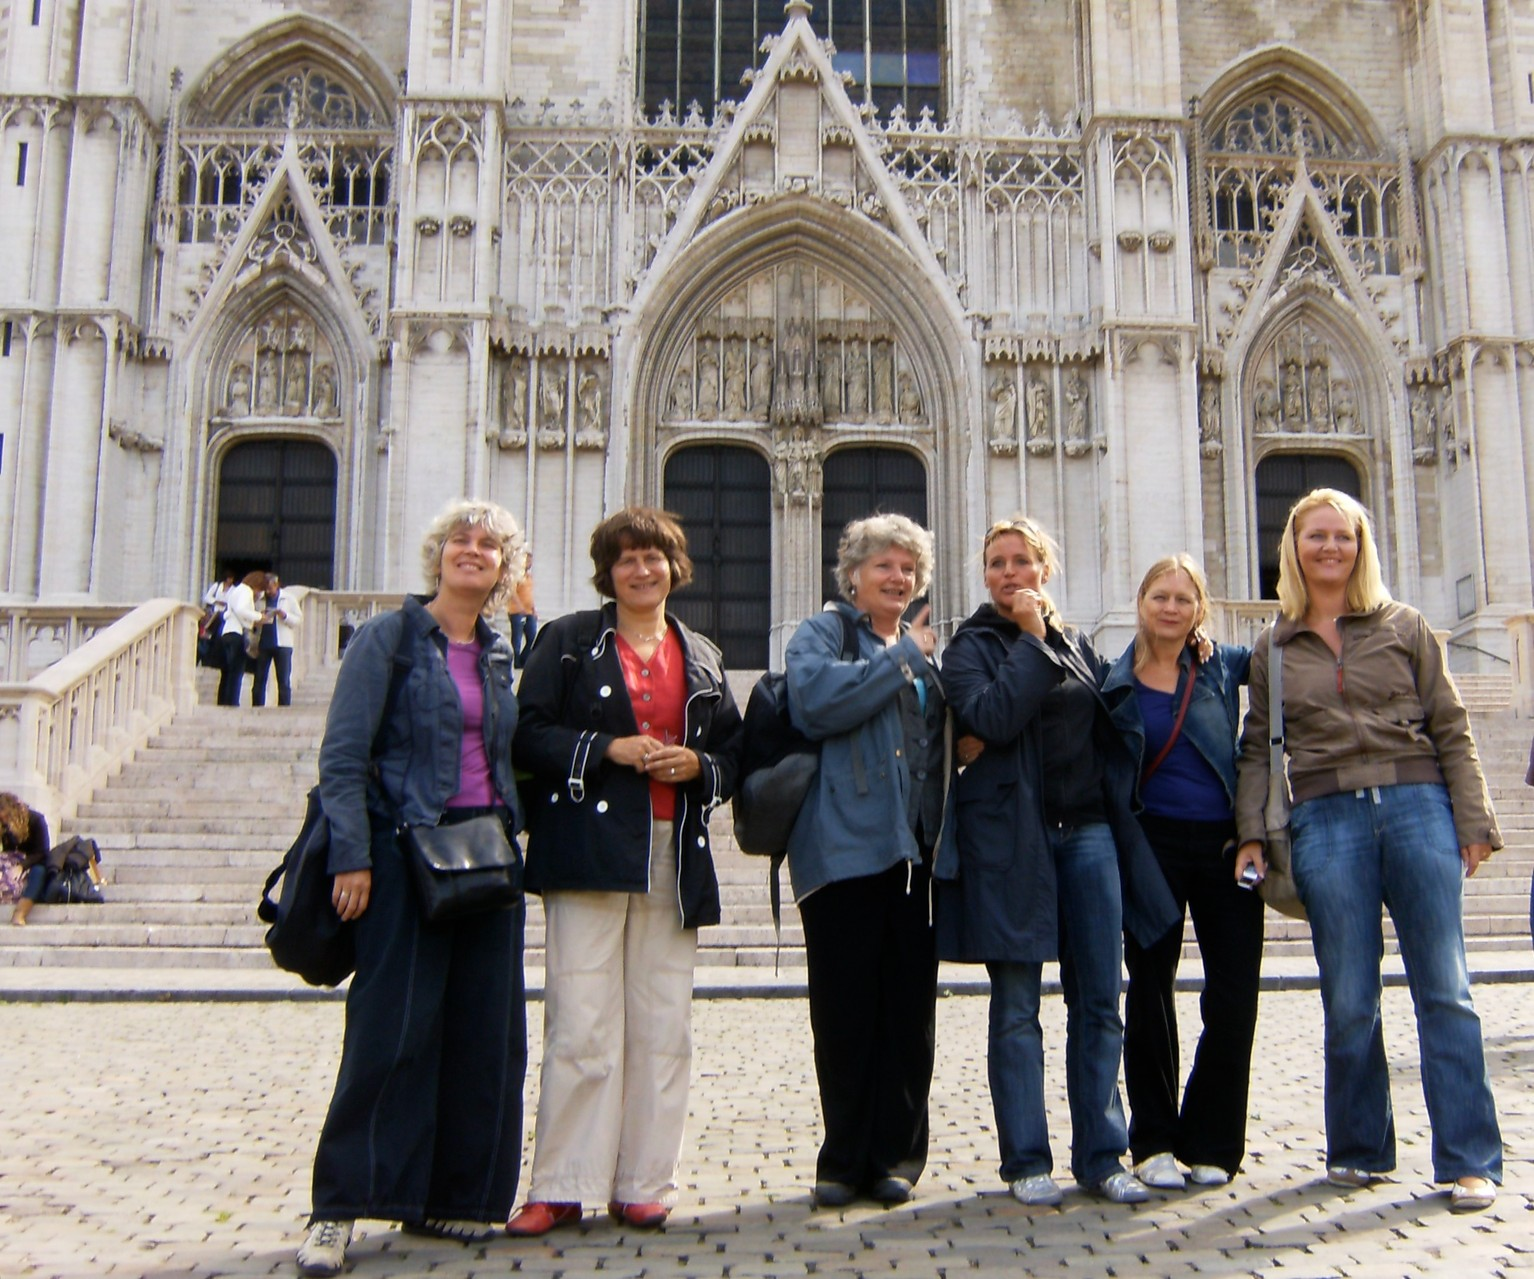 Optreden in de Kathedraal van Sint-Michiel en Sint-Goedele, Brussel, september 2008